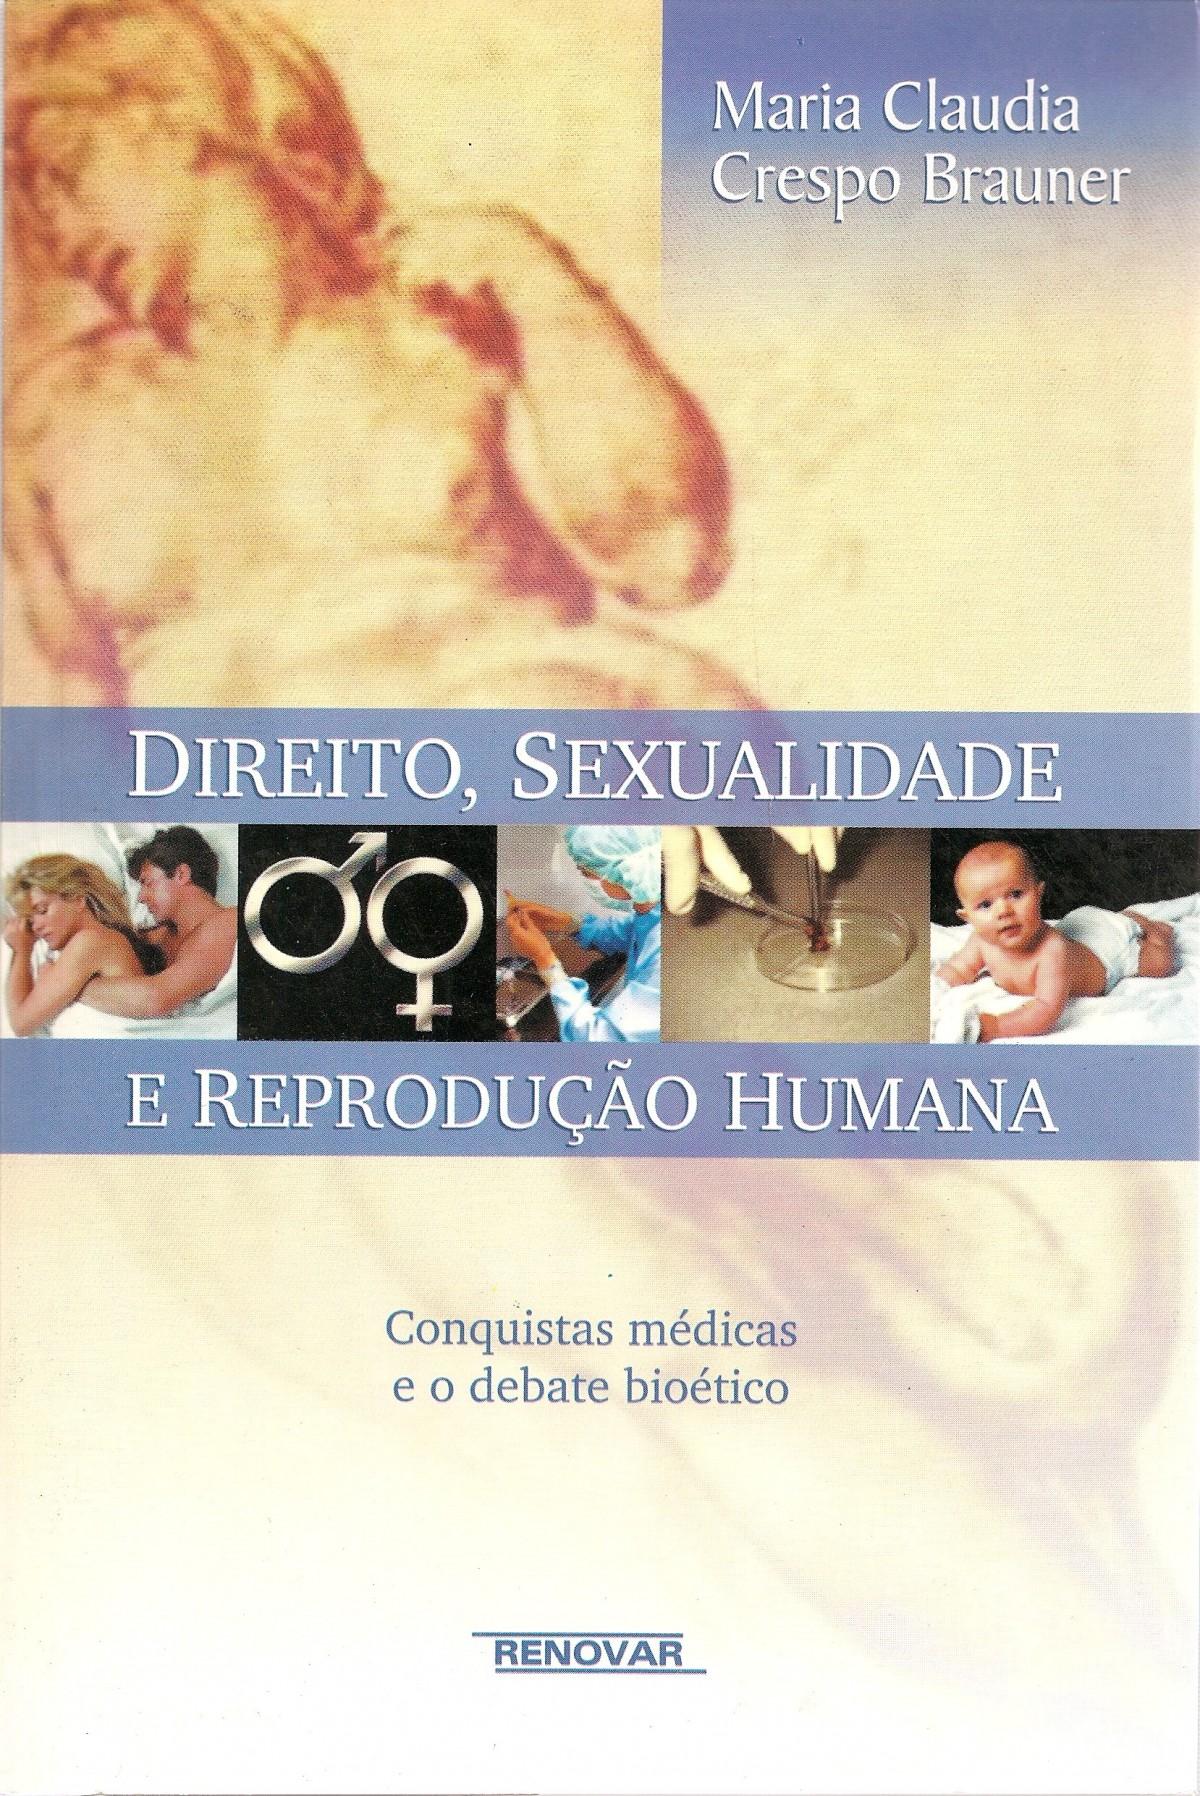 Foto 1 - Direito, Sexualidade e Reprodução Humana